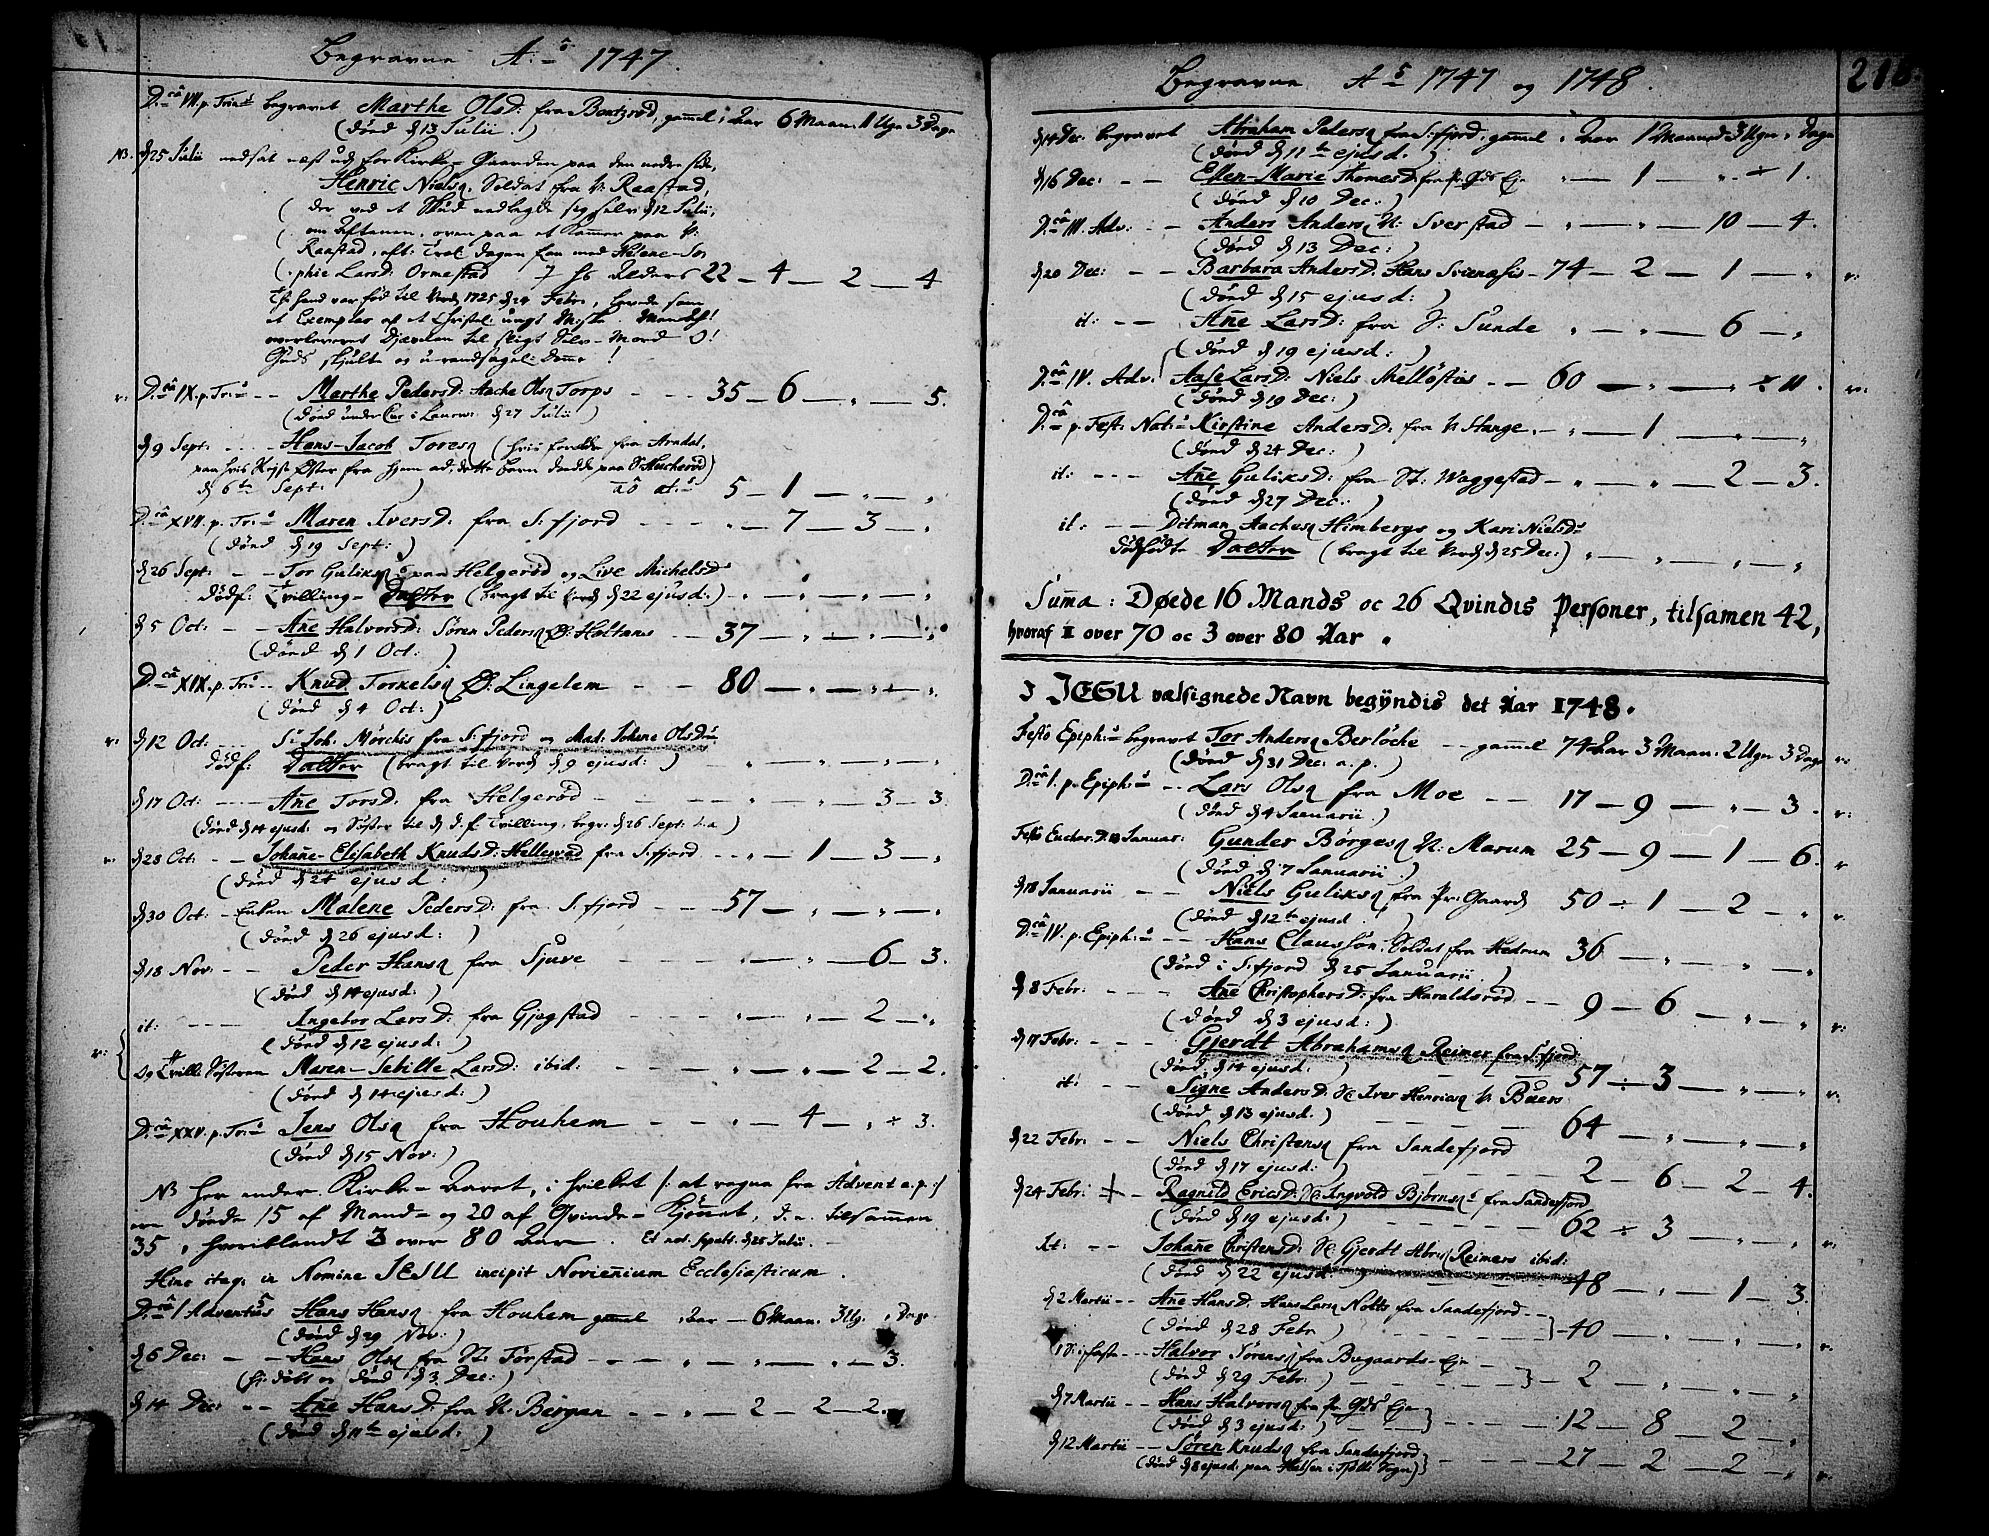 SAKO, Sandar kirkebøker, F/Fa/L0002: Ministerialbok nr. 2, 1733-1788, s. 218